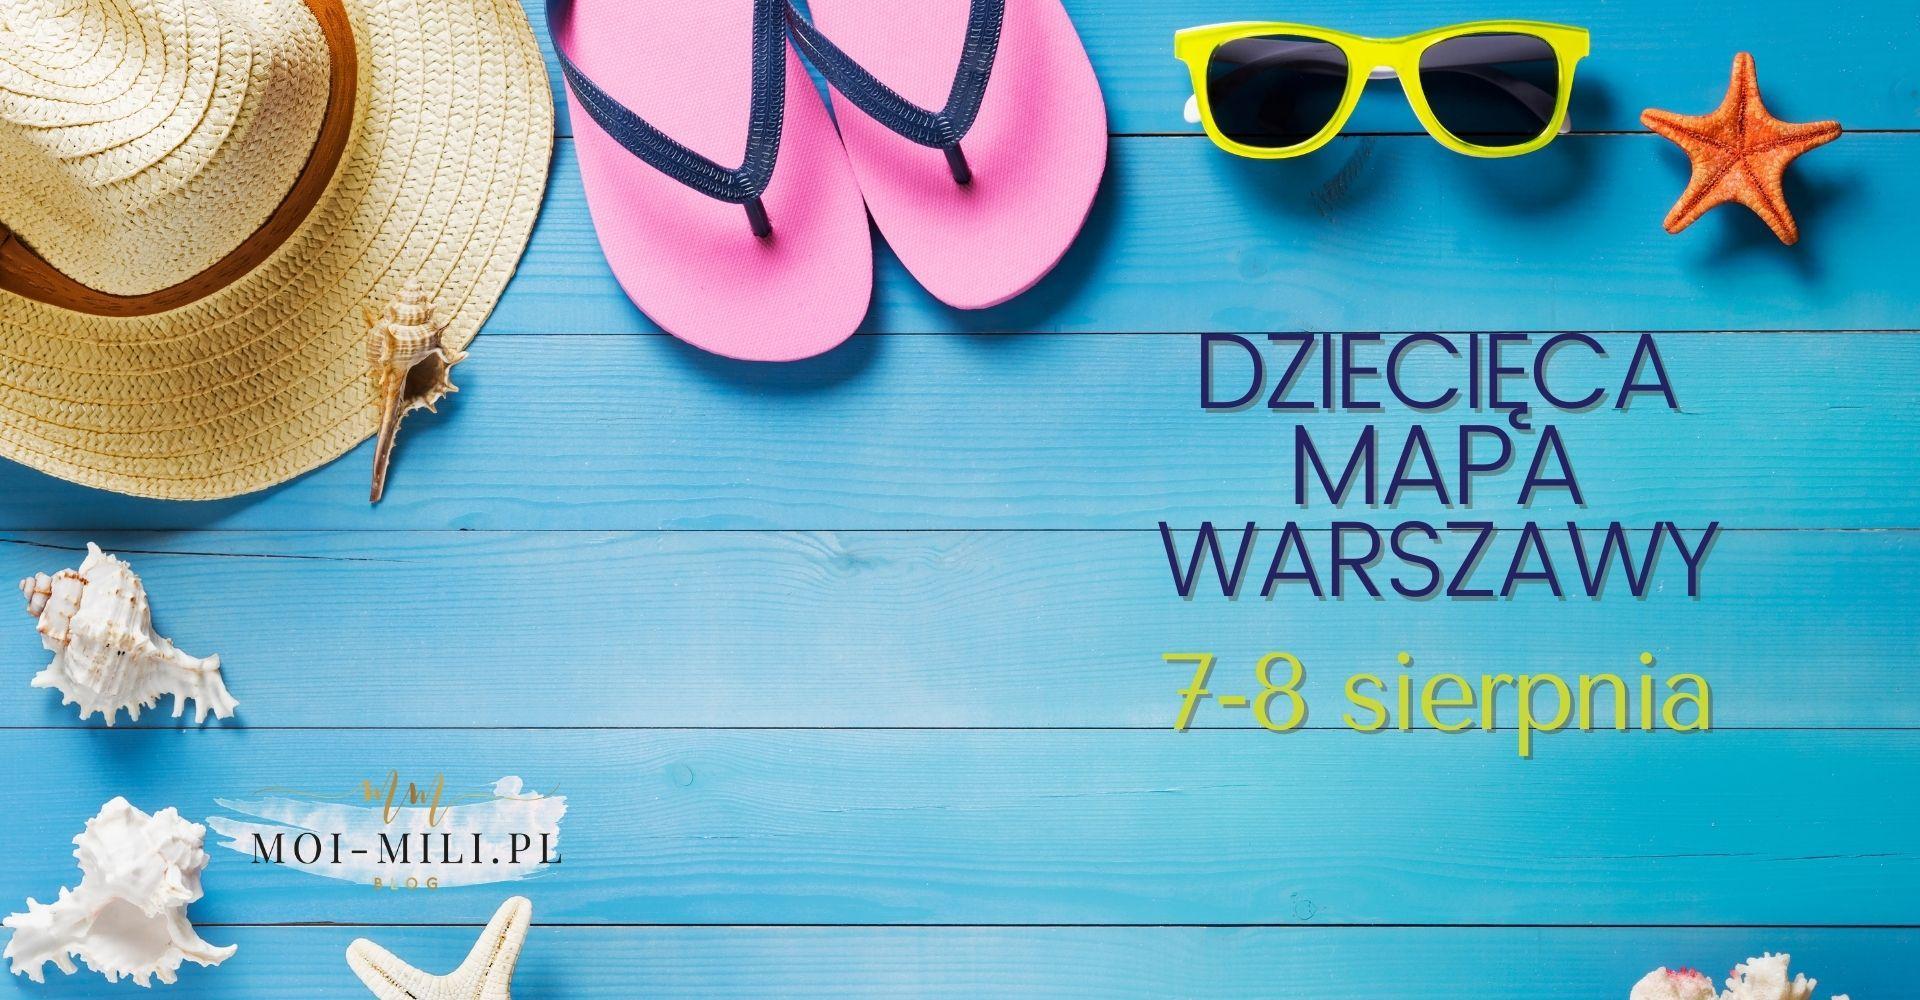 Weekendowa Zajawka, czyli co robić z dzieckiem w Warszawie 7–8 sierpnia